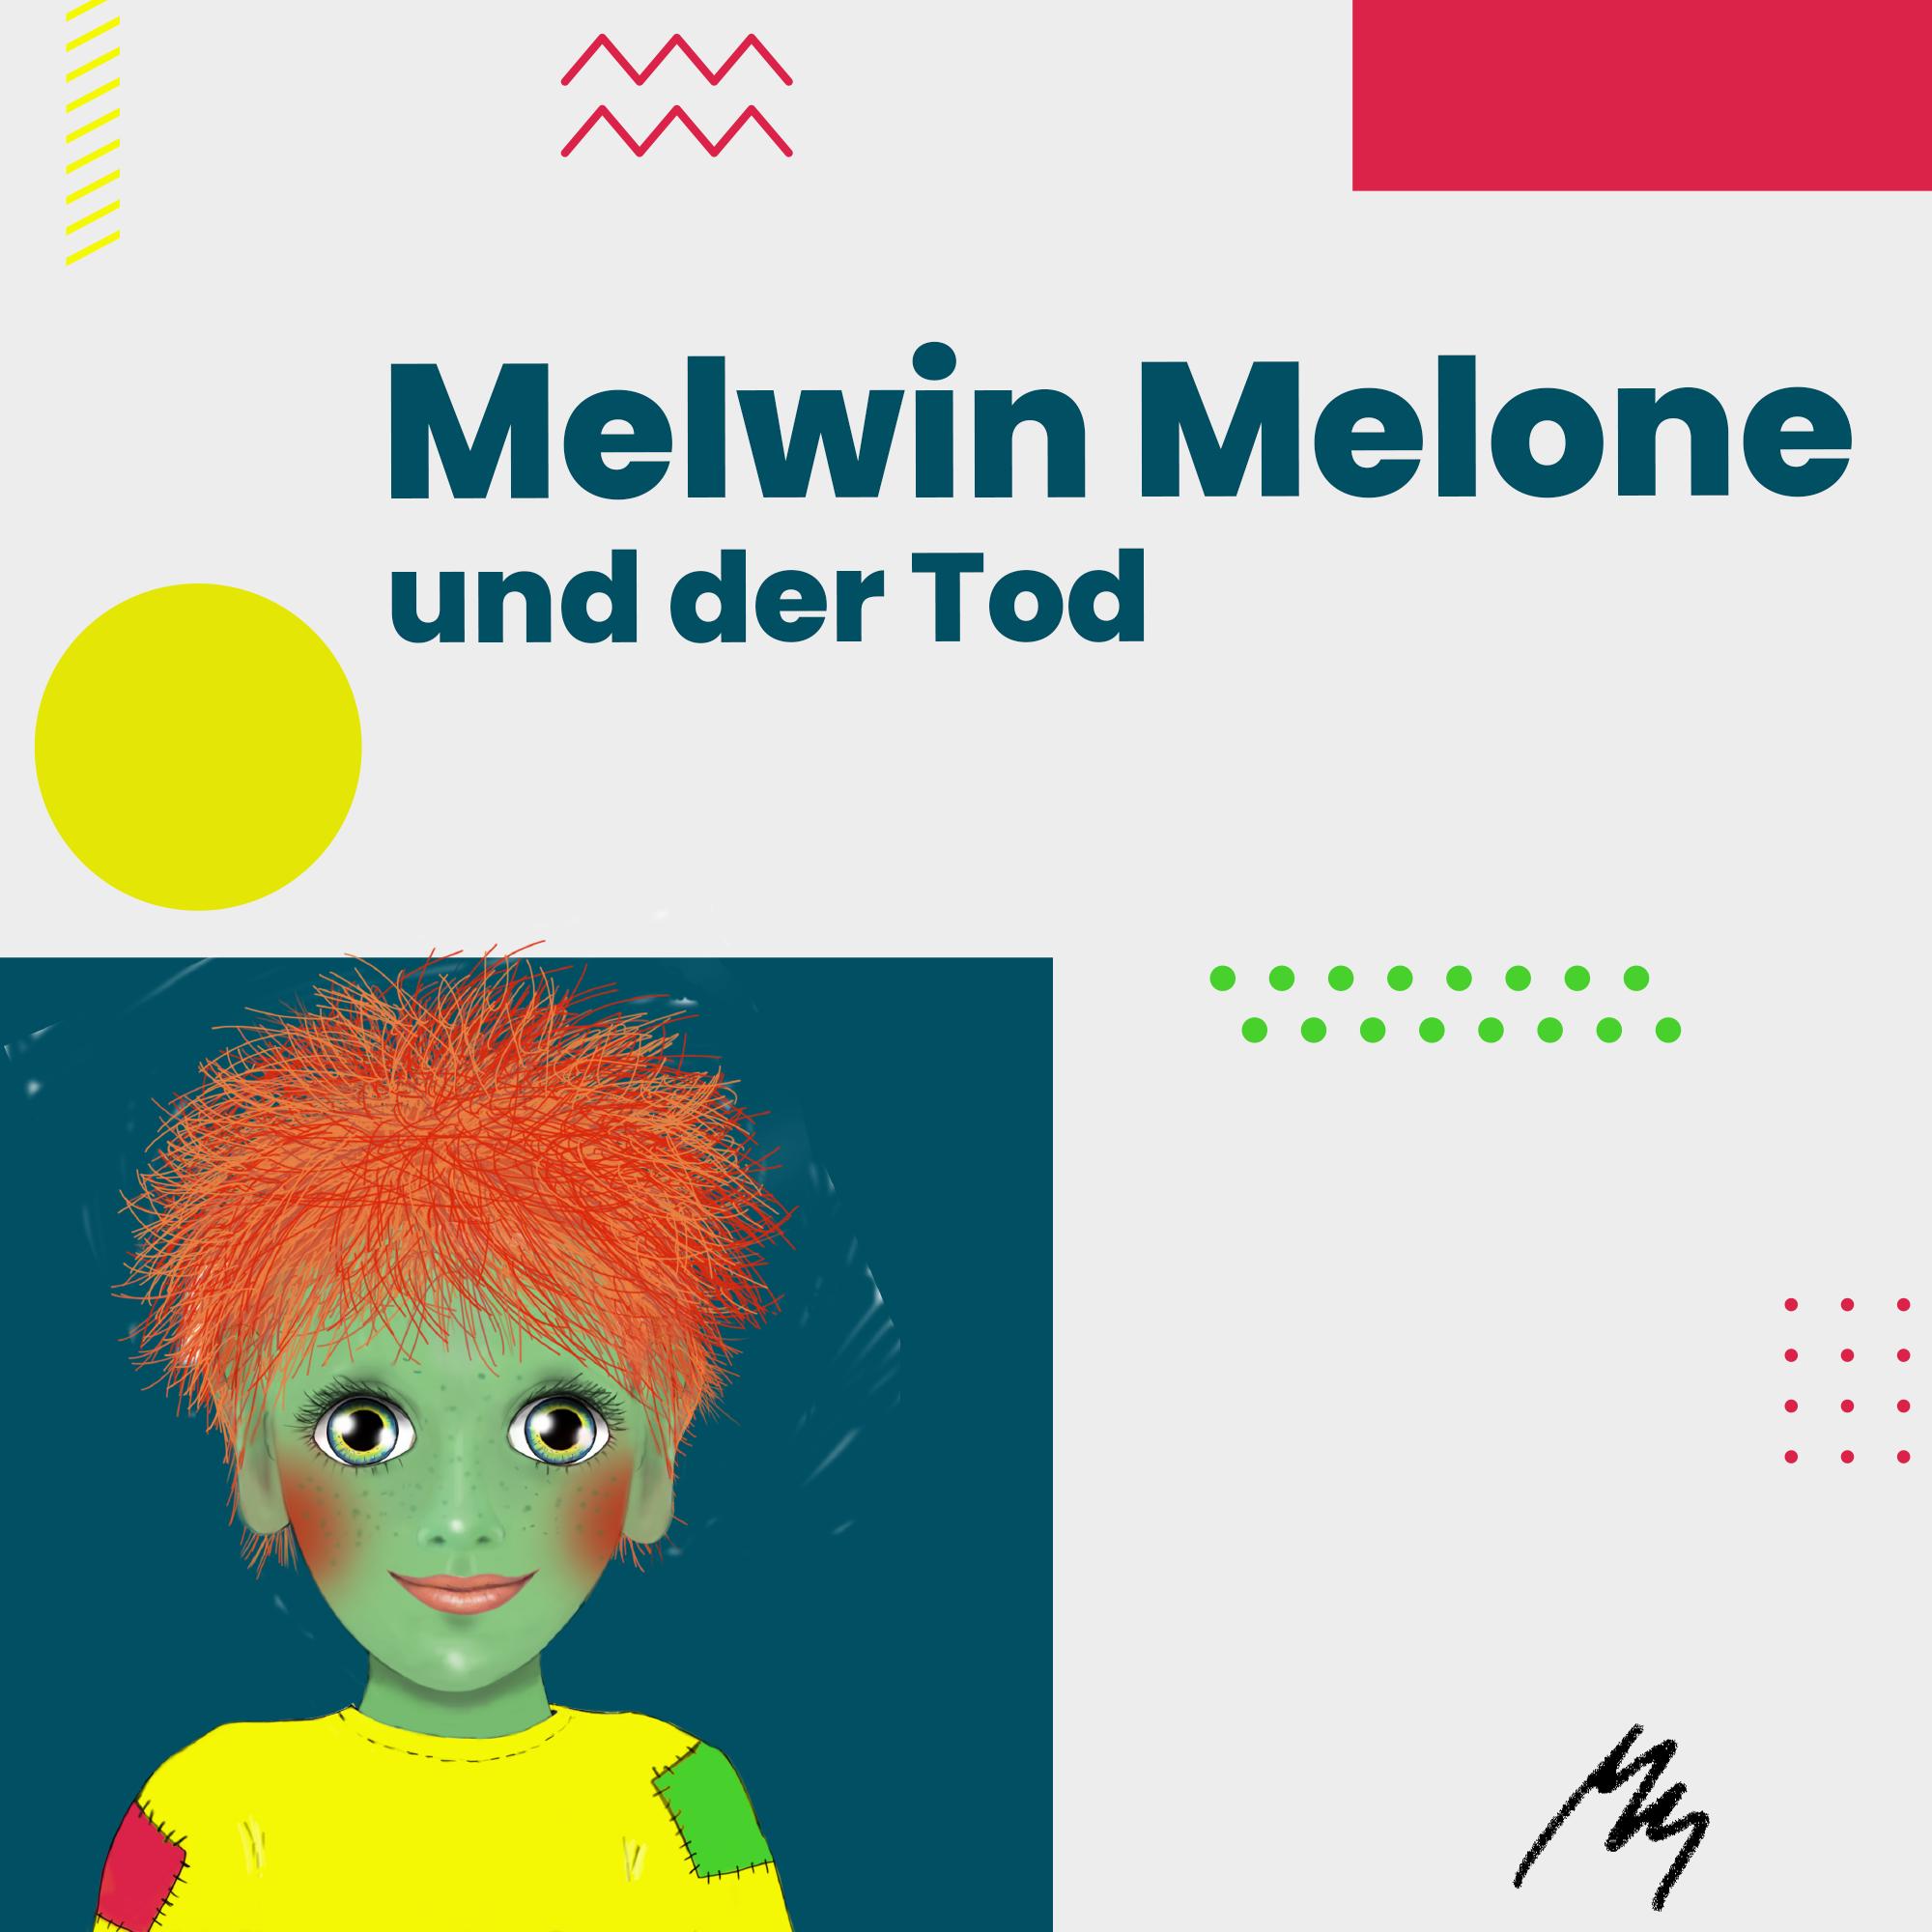 Melwin Melone und der Tod